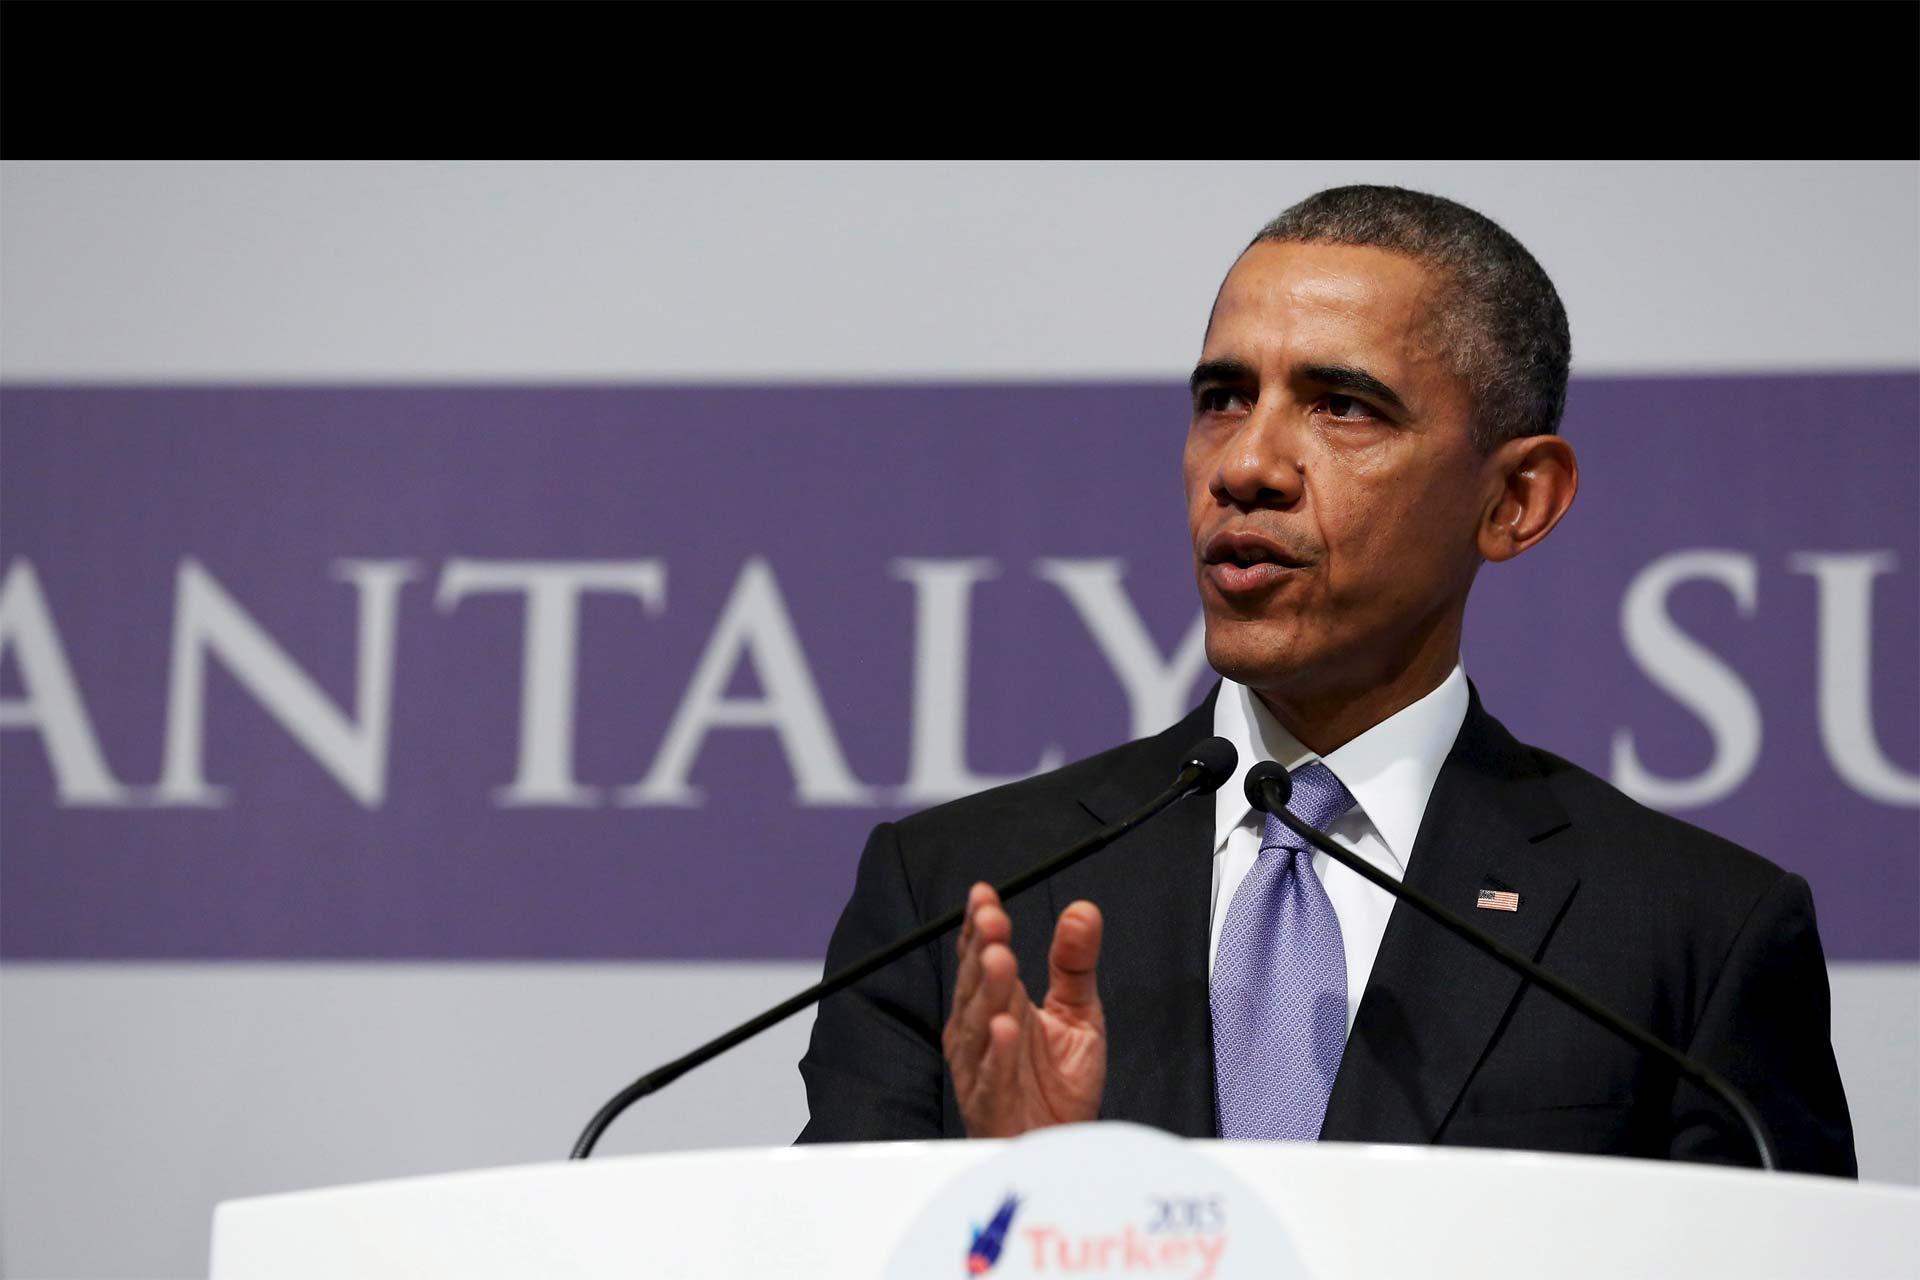 Obama no quiere enviar tropas a gran escala, pues, cree, eso solo tendría éxito si la población local apoya el ataque